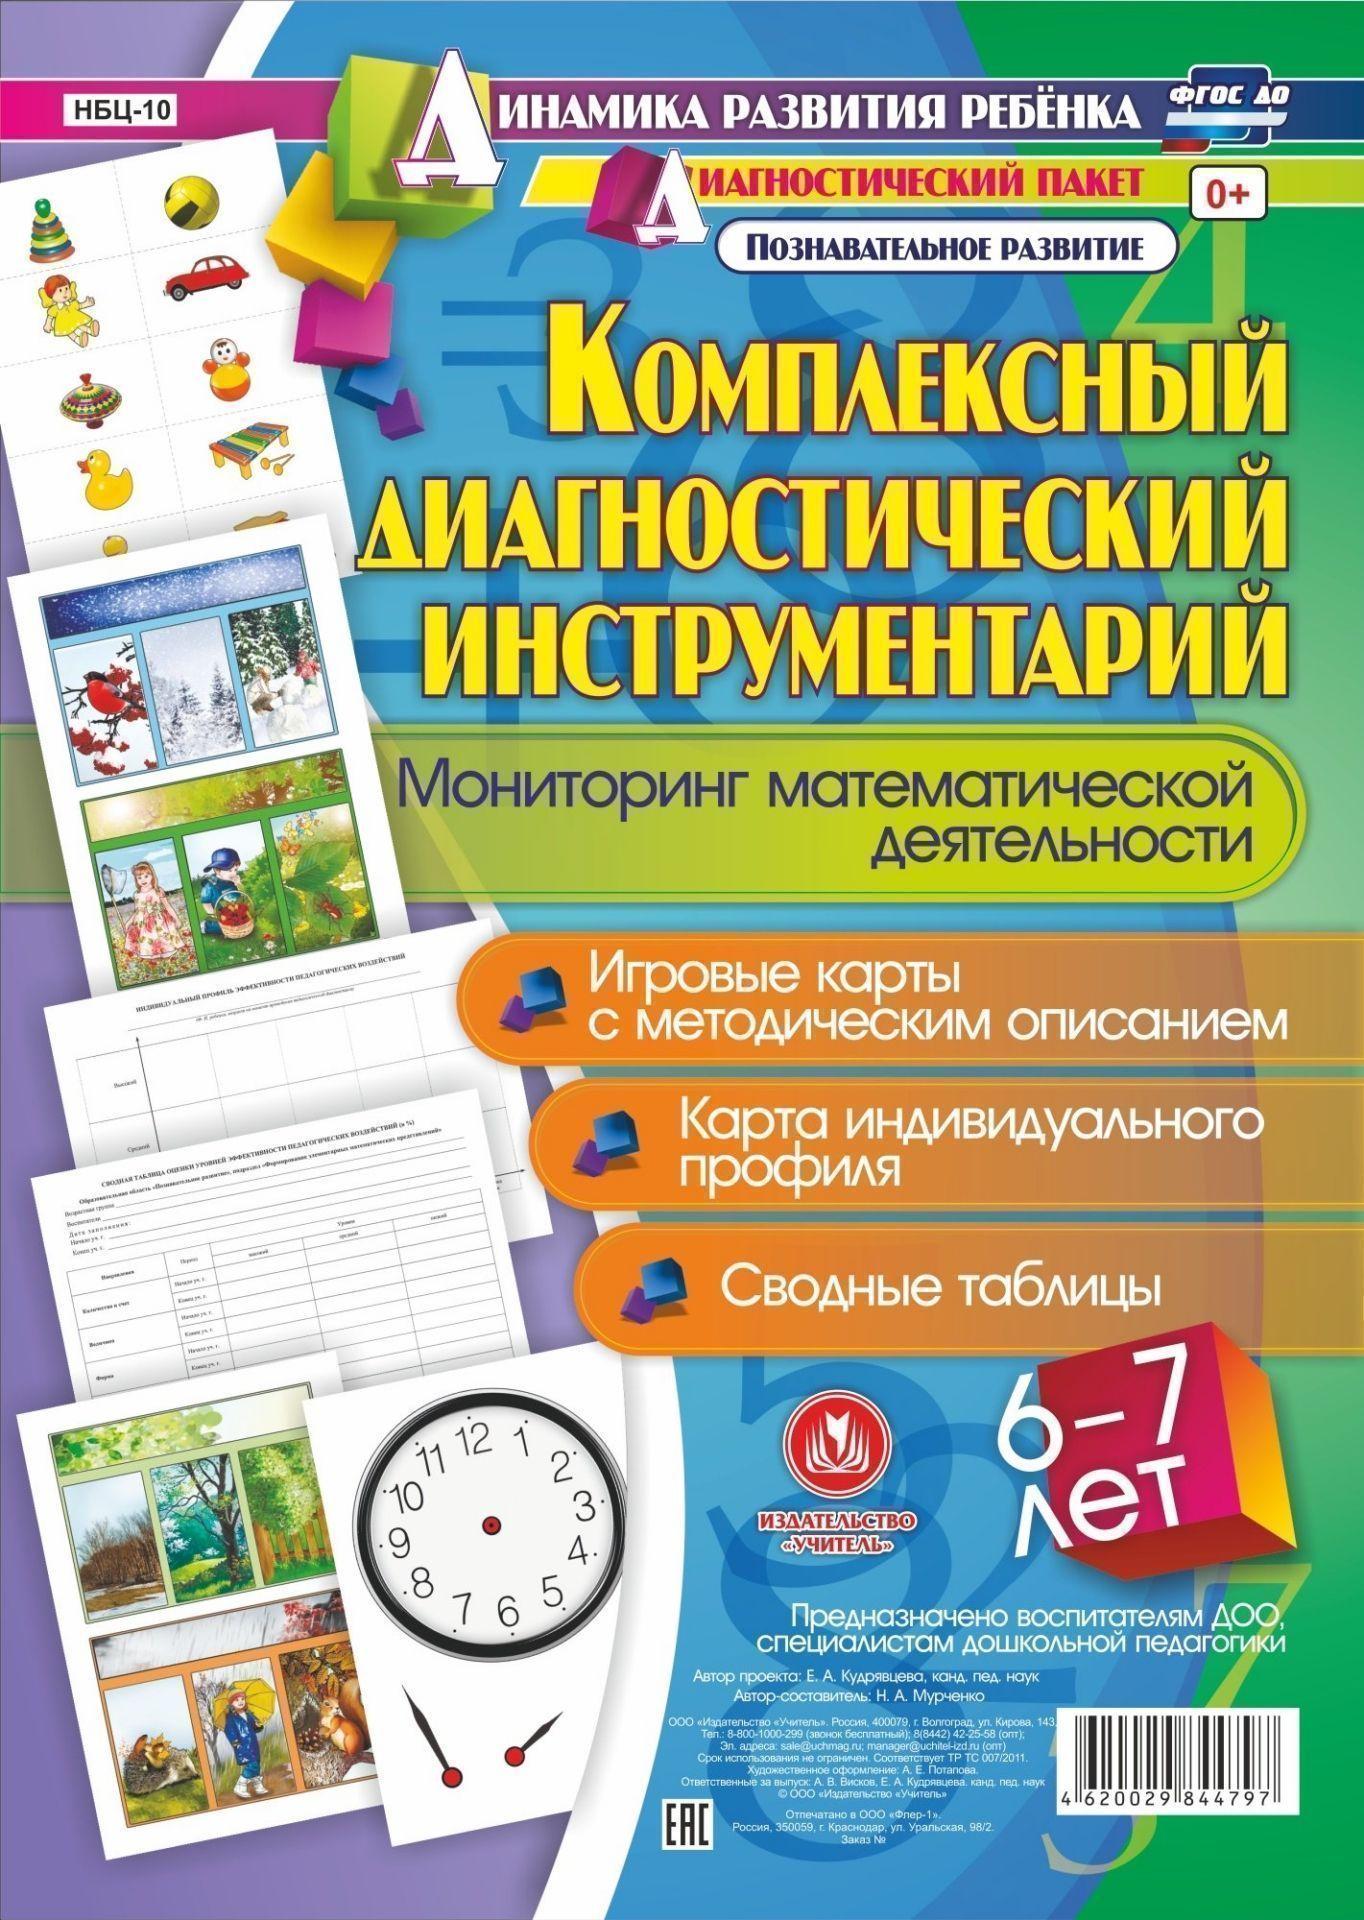 Купить со скидкой Комплексный диагностический инструментарий. Мониторинг математической деятельности детей  6-7 лет. И